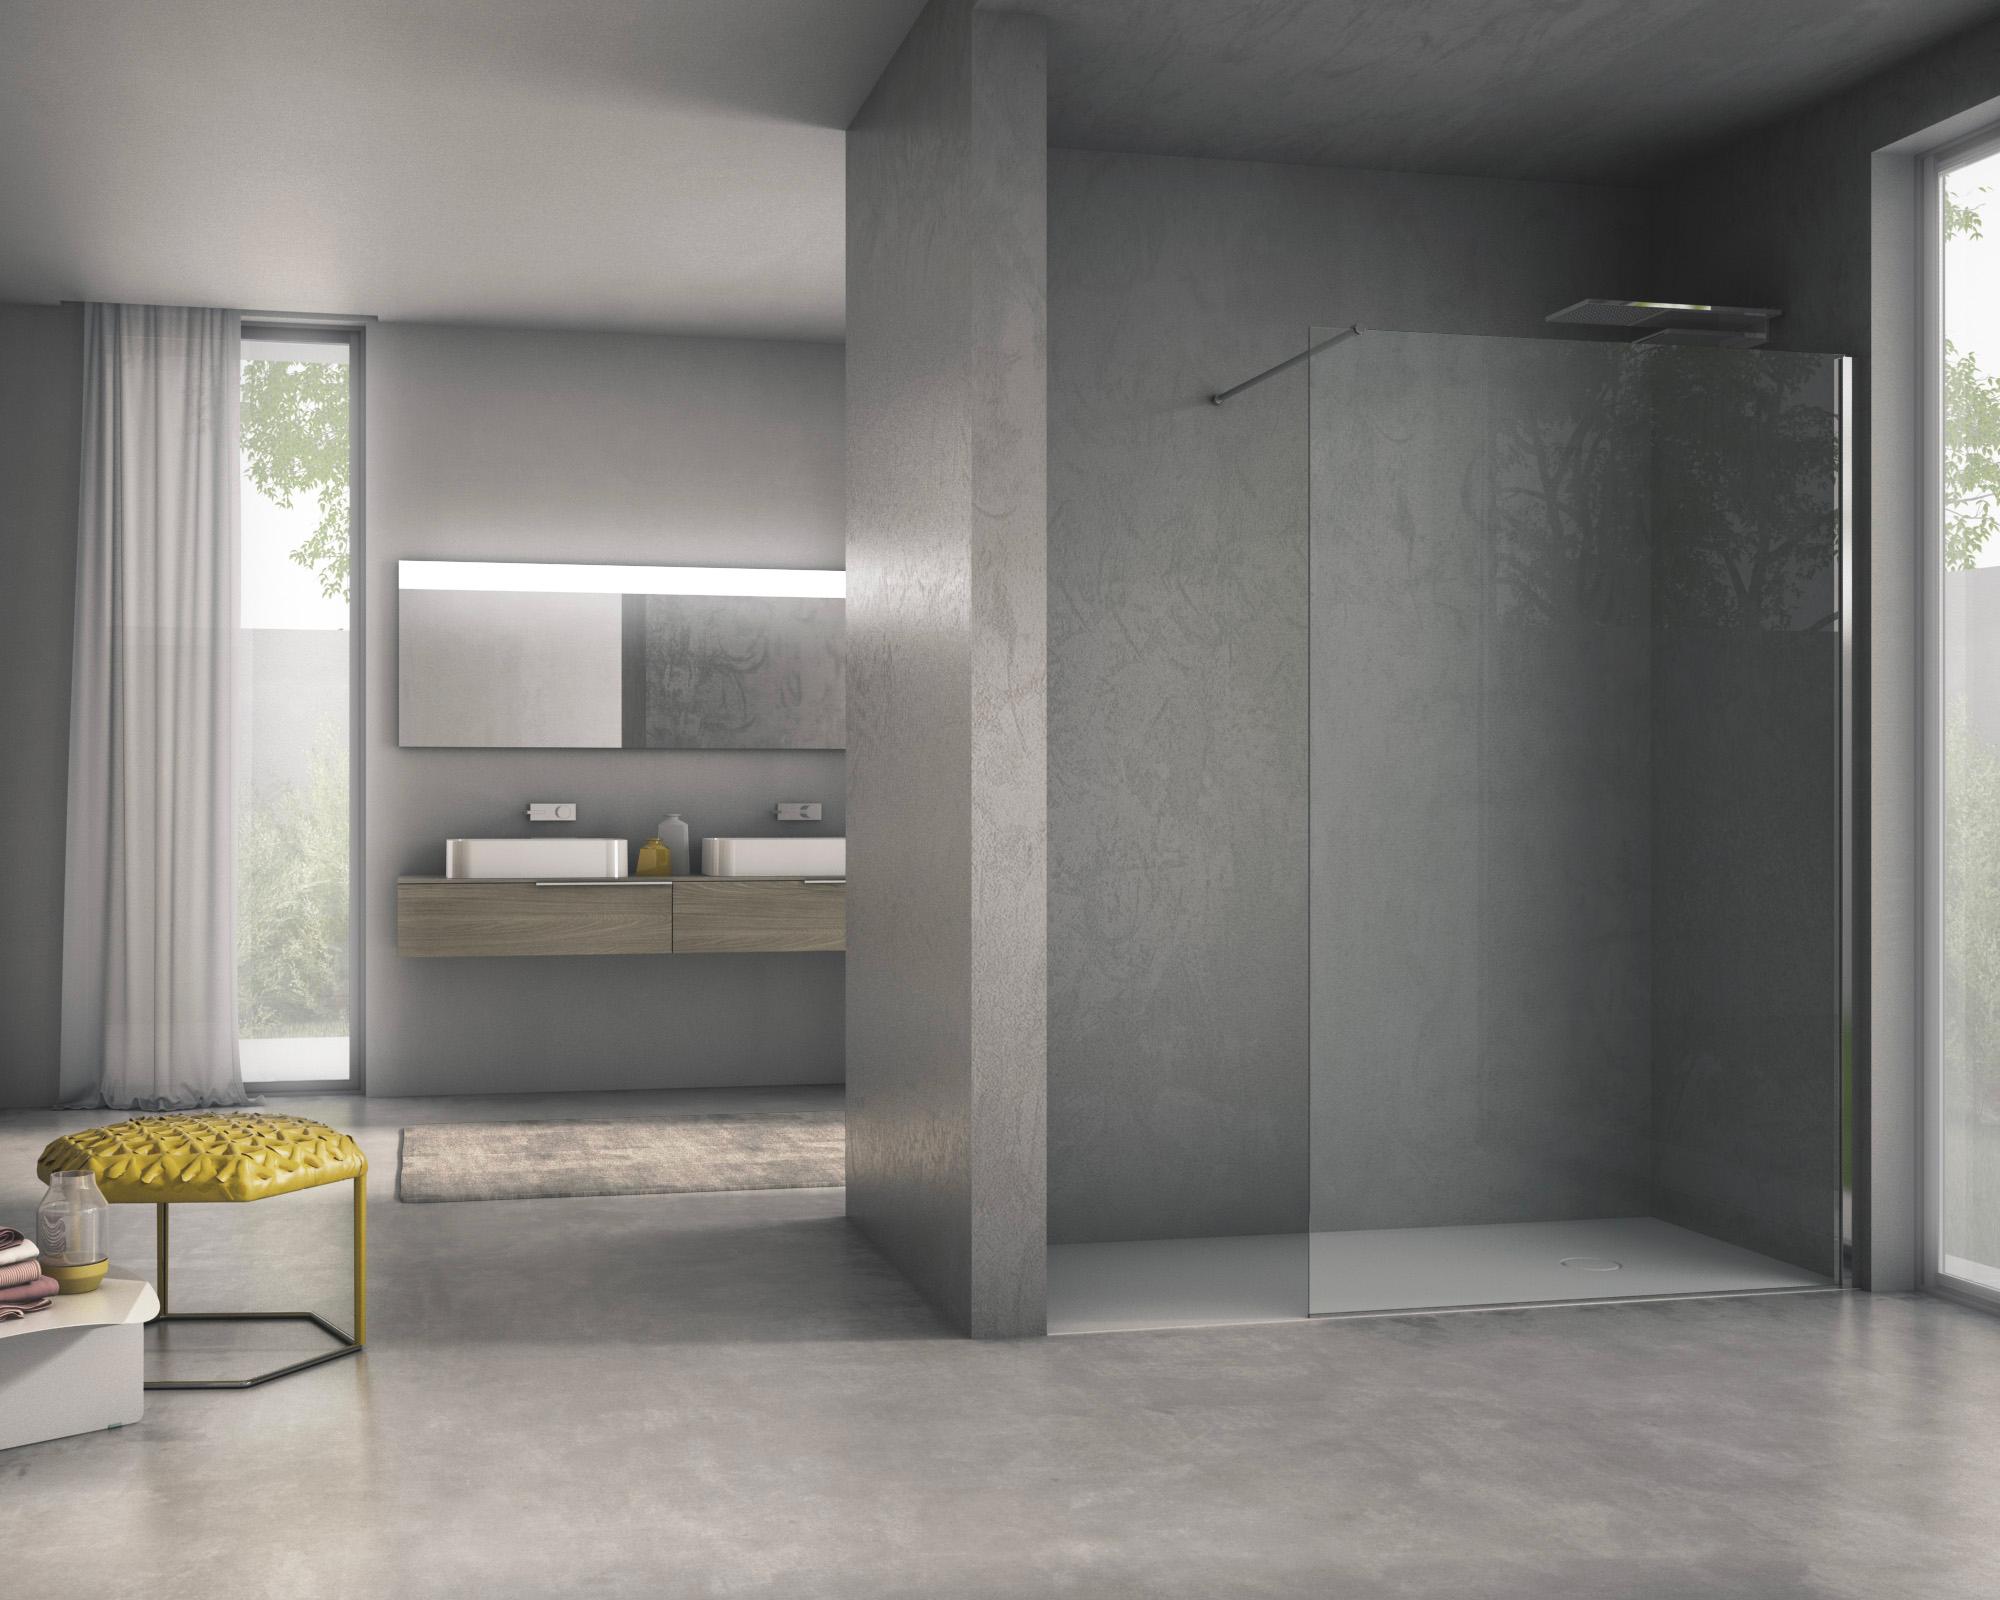 Vendita Docce Da Bagno : Come scegliere tra vasca da bagno e box doccia ideagroup